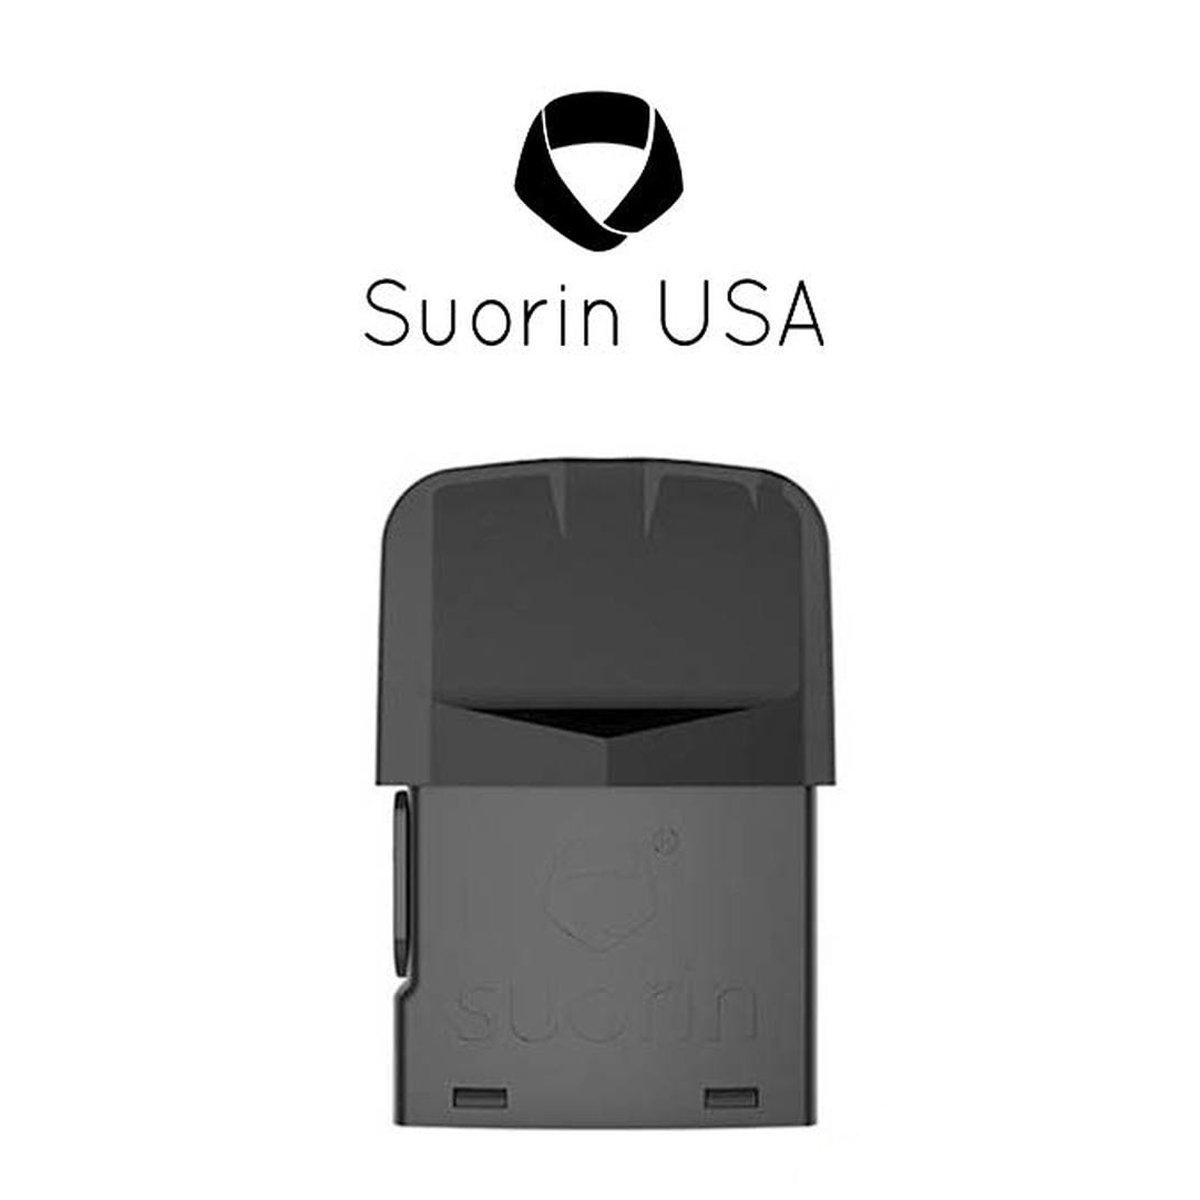 Suorin Edge 1.5ML Refillable Replacement Pod Cartridge - Single